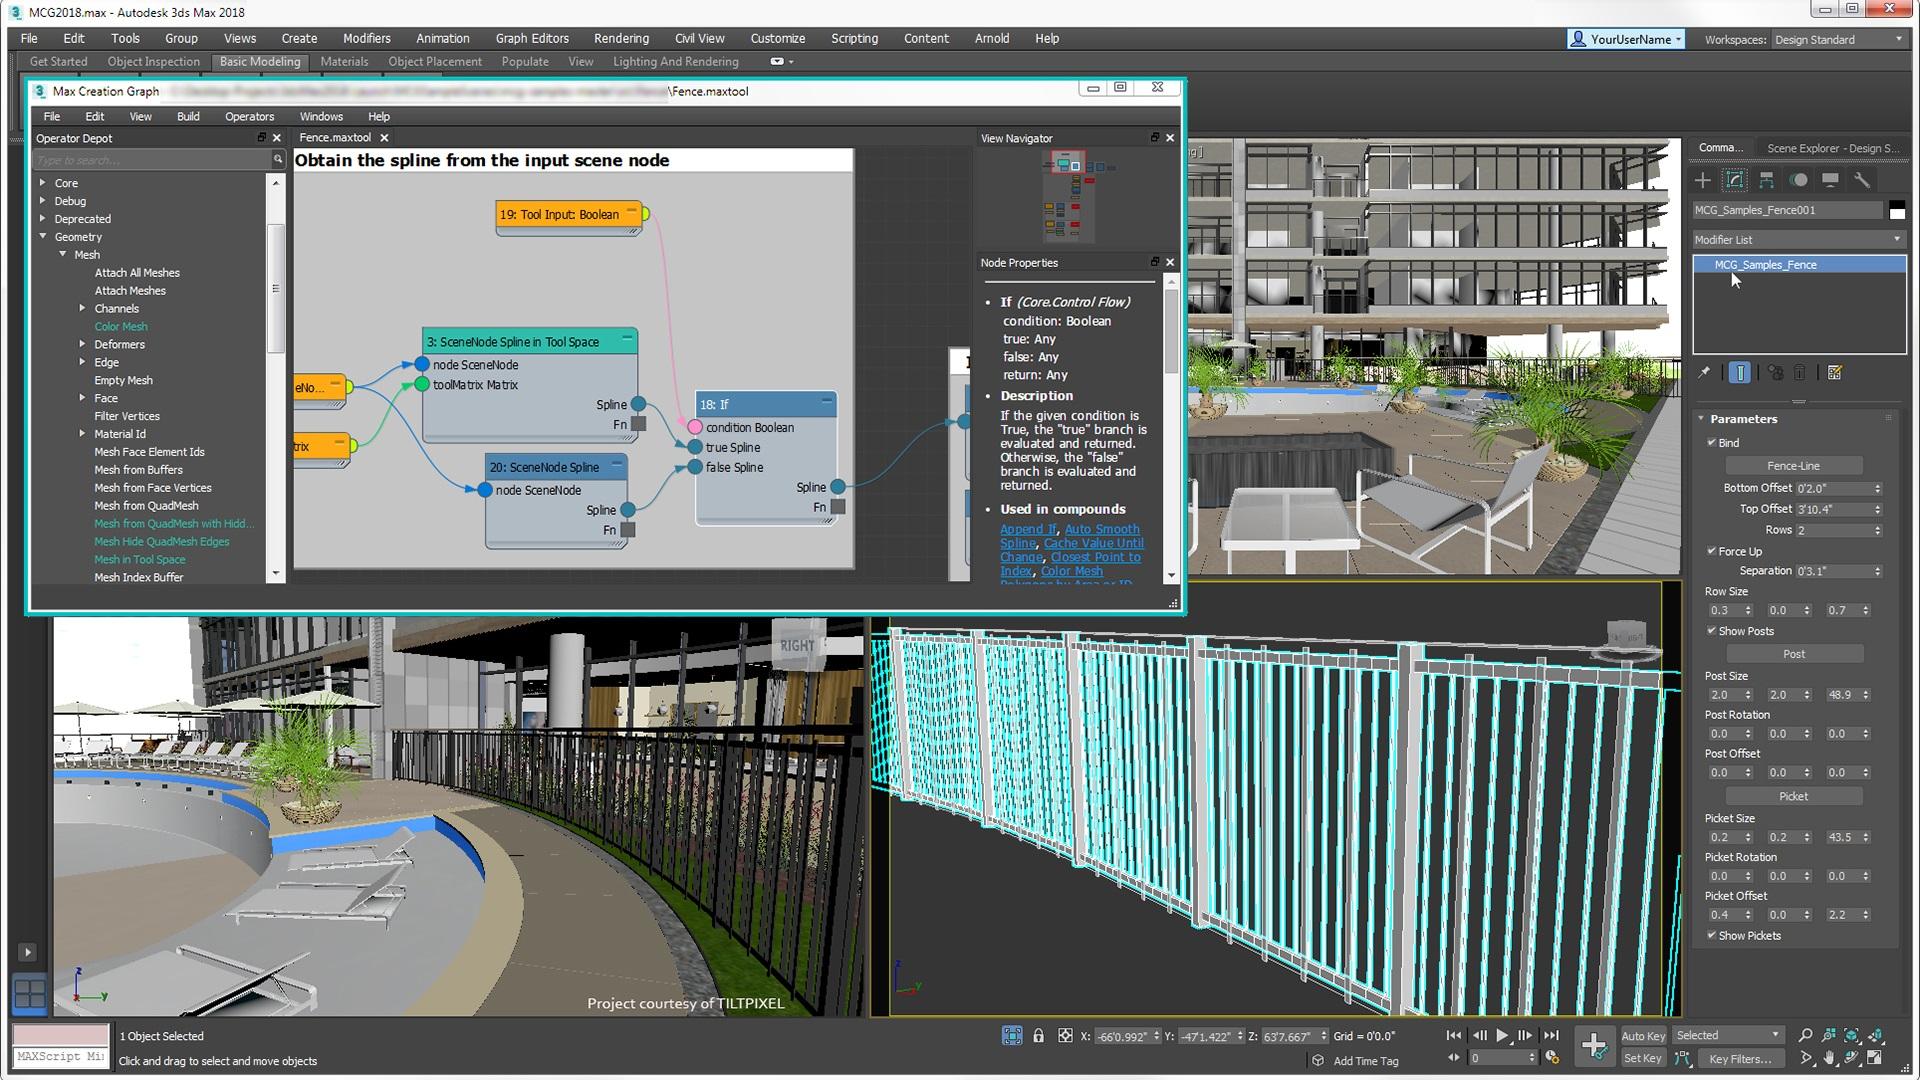 Autodesk 3Ds Max 2018 Crack